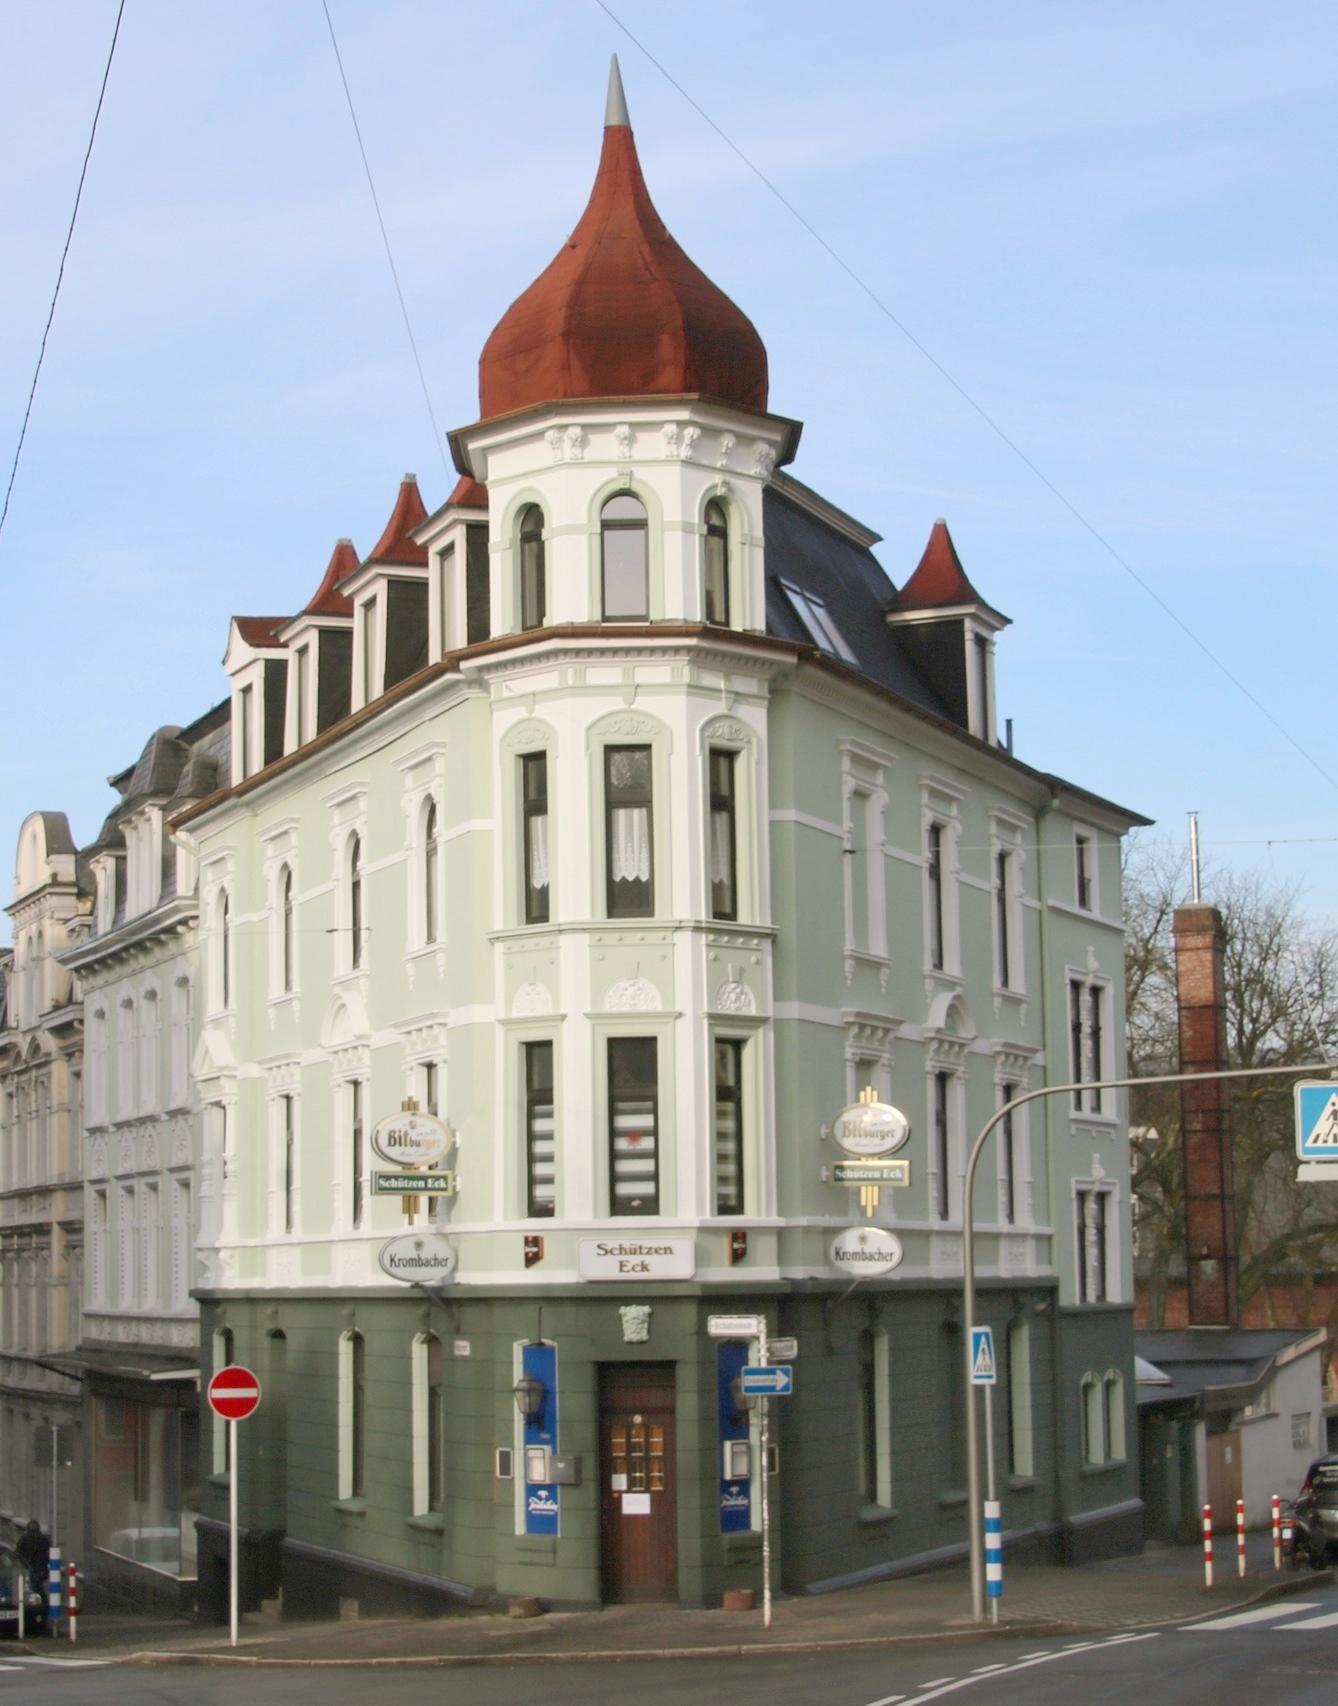 Mehrfamilienhaus Wuppertal Mit Gaststätte Geschäftshaus Wuppertal